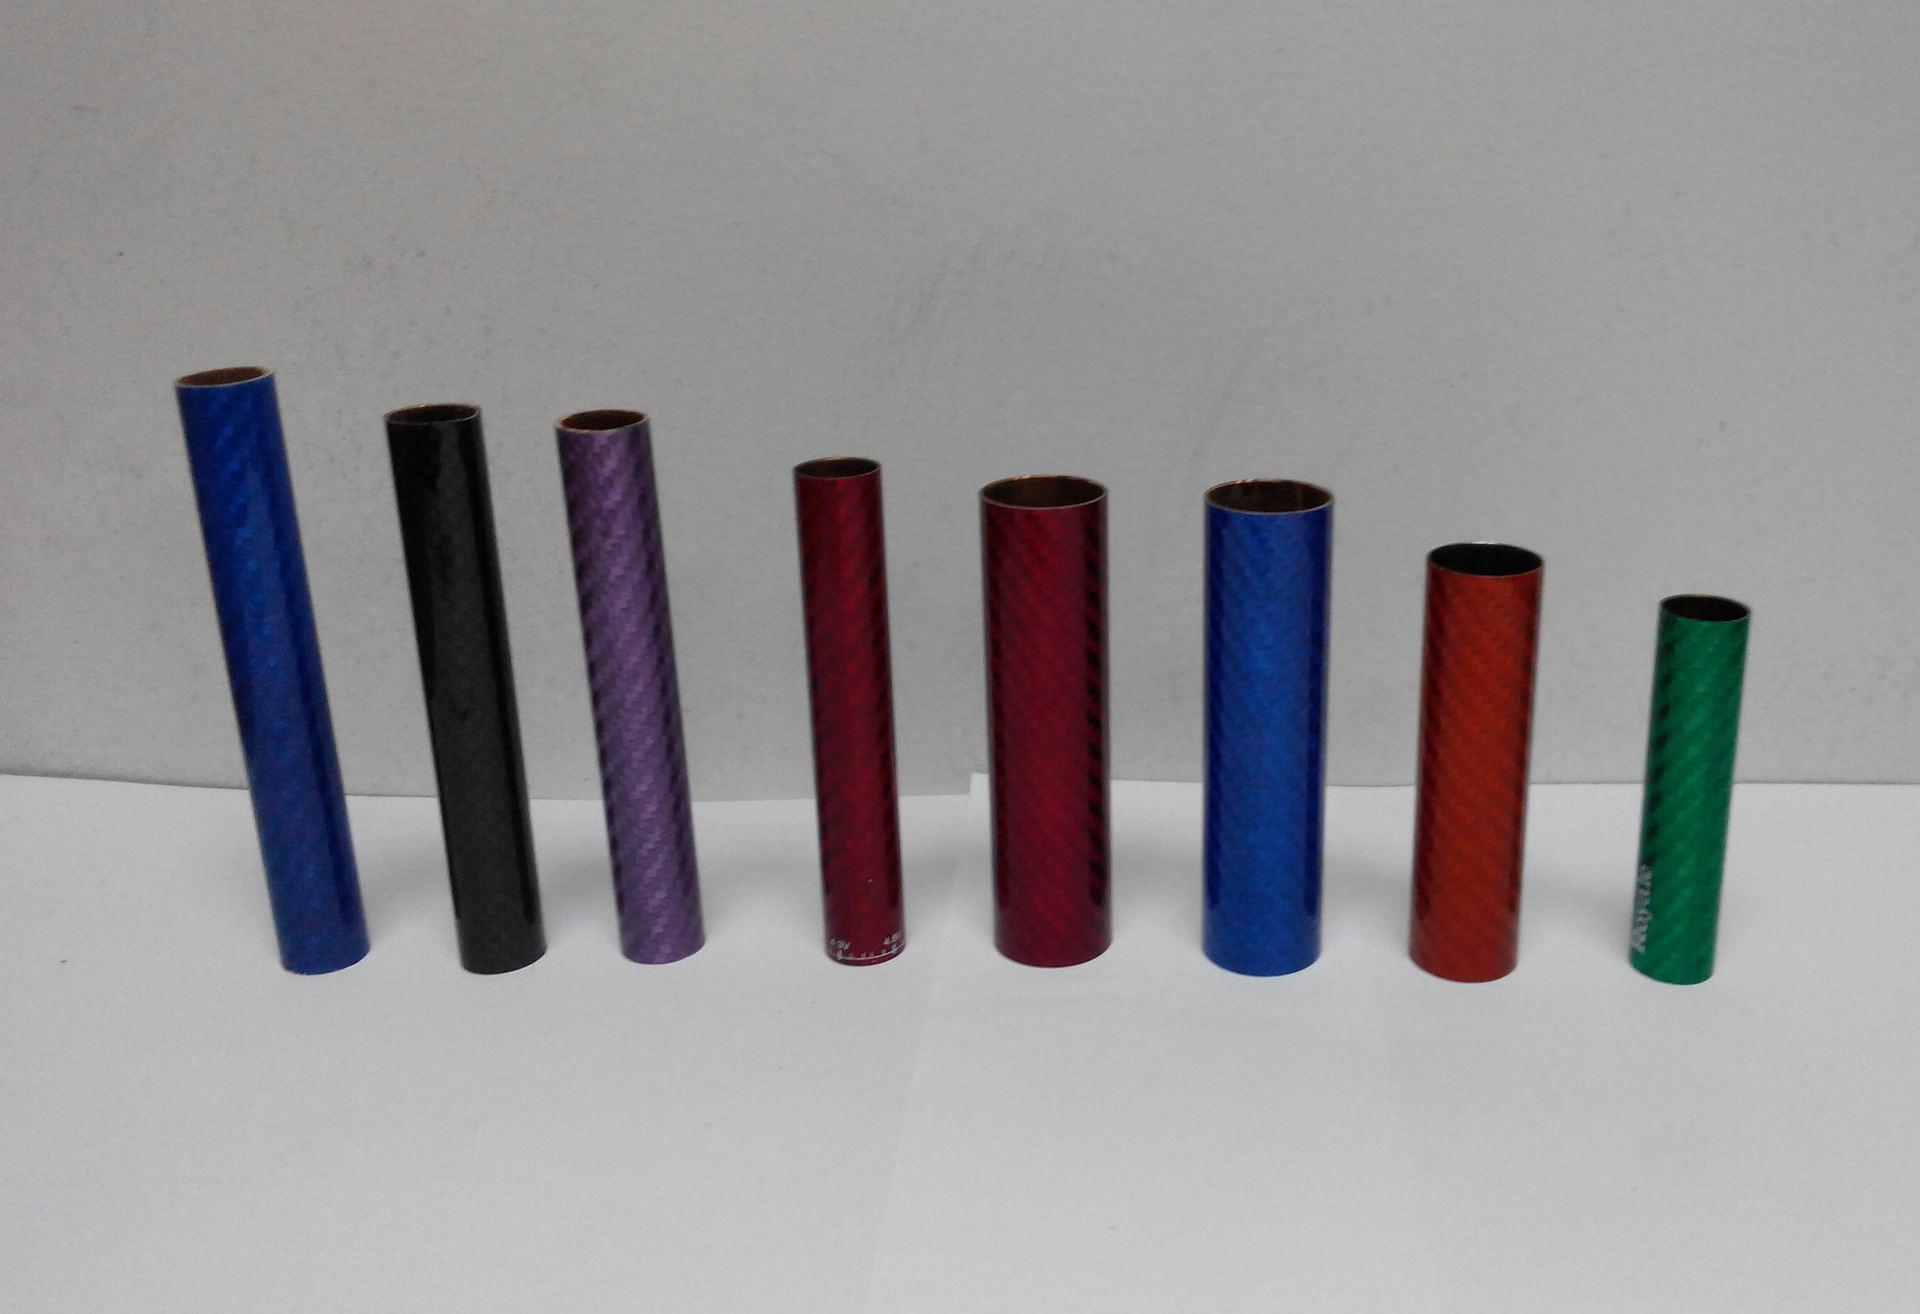 Nguyên liệu sản xuất điện tử Ống 100% sợi carbon